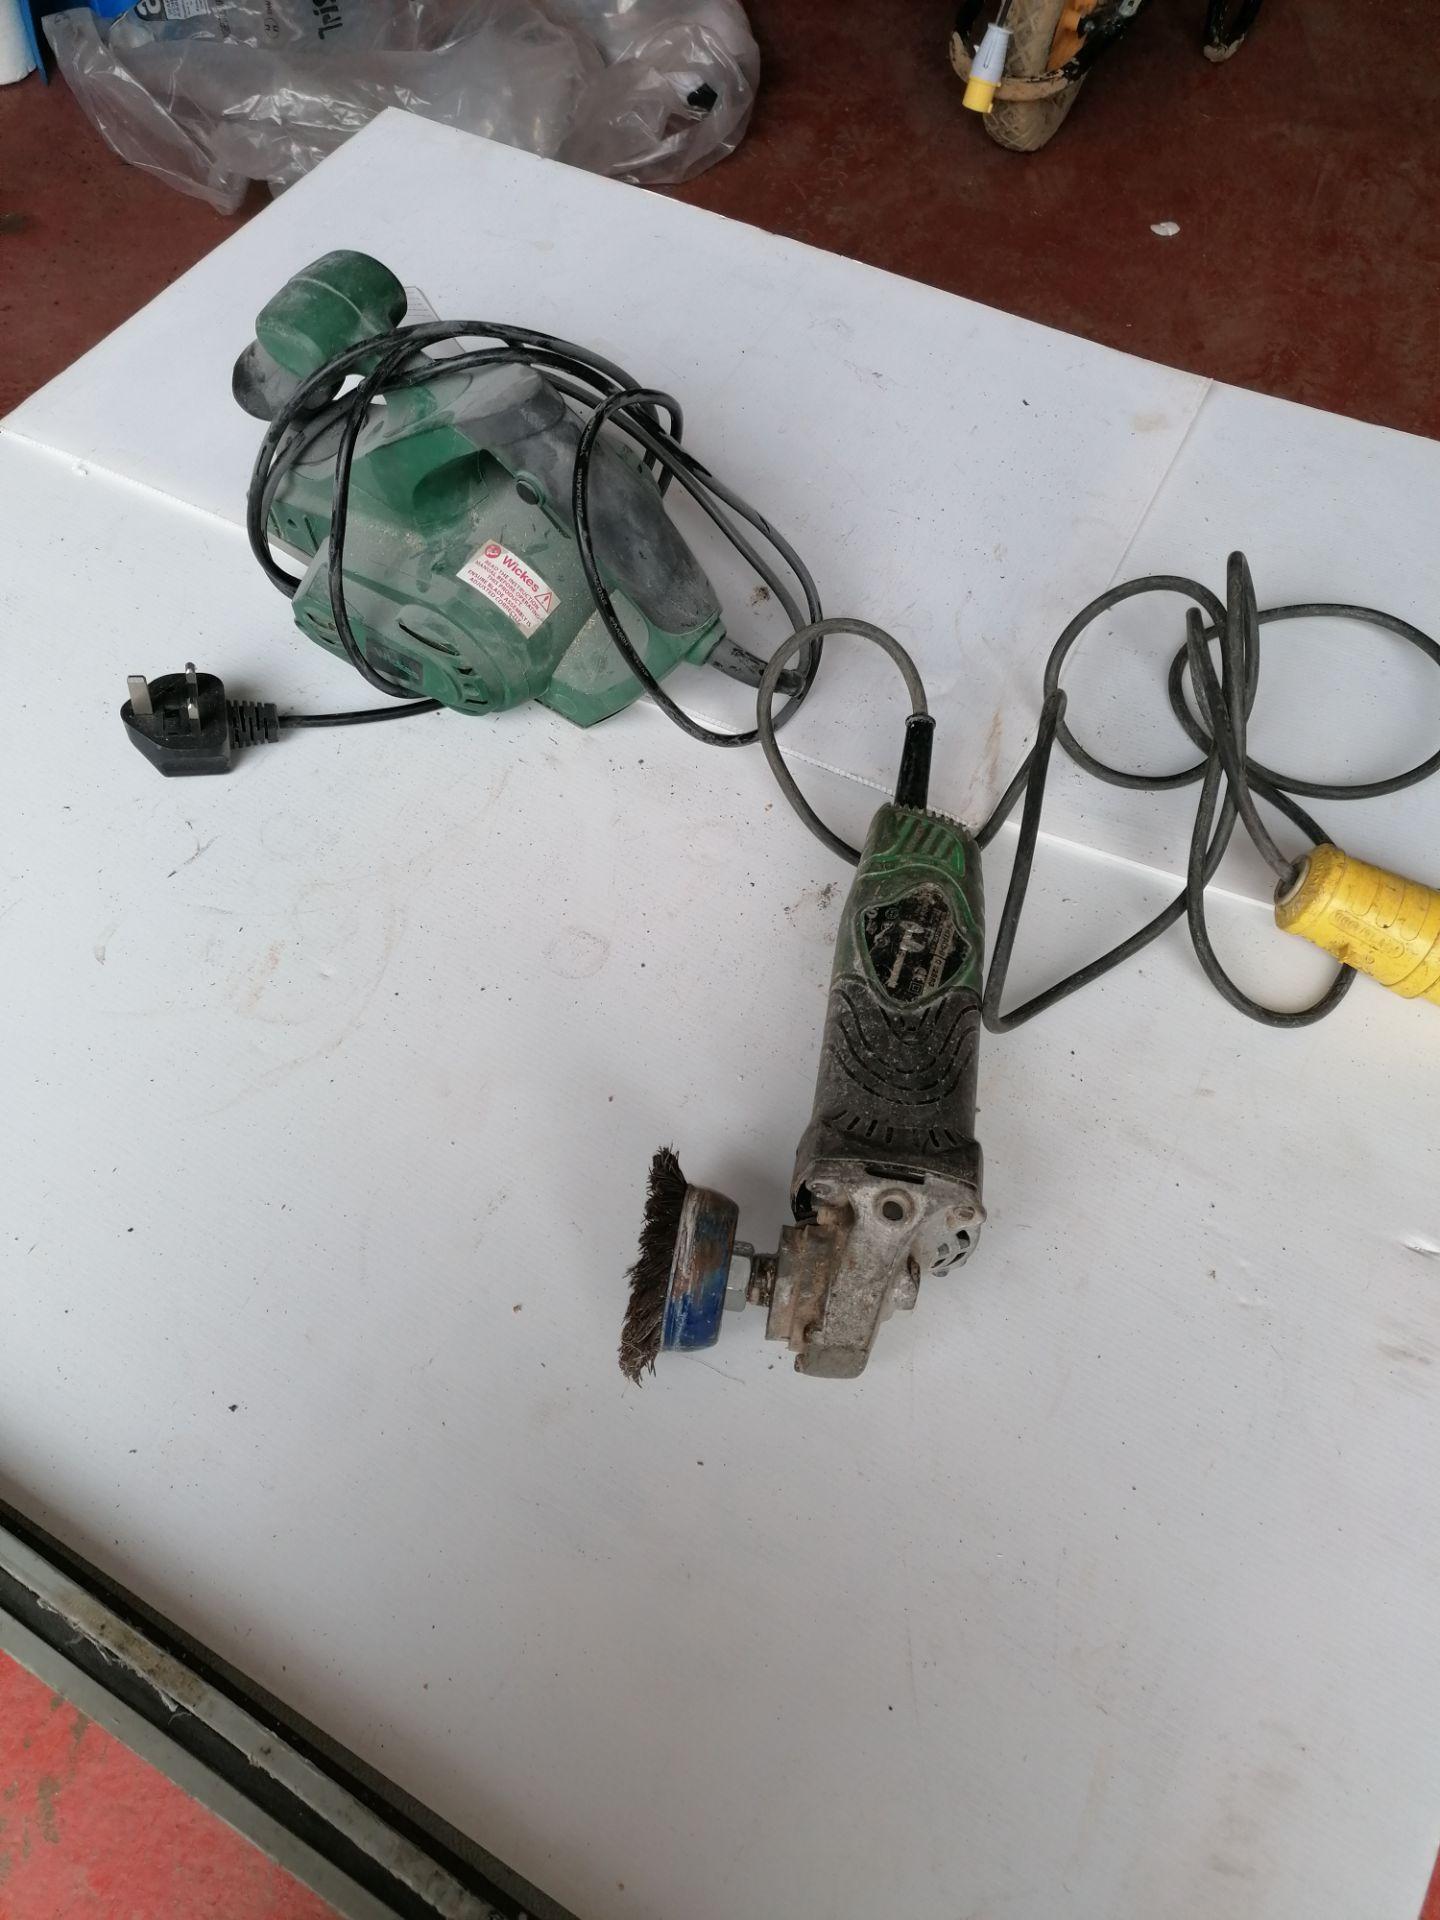 Hitachi Grinder 12SR3 Electric Grinder - Image 2 of 6